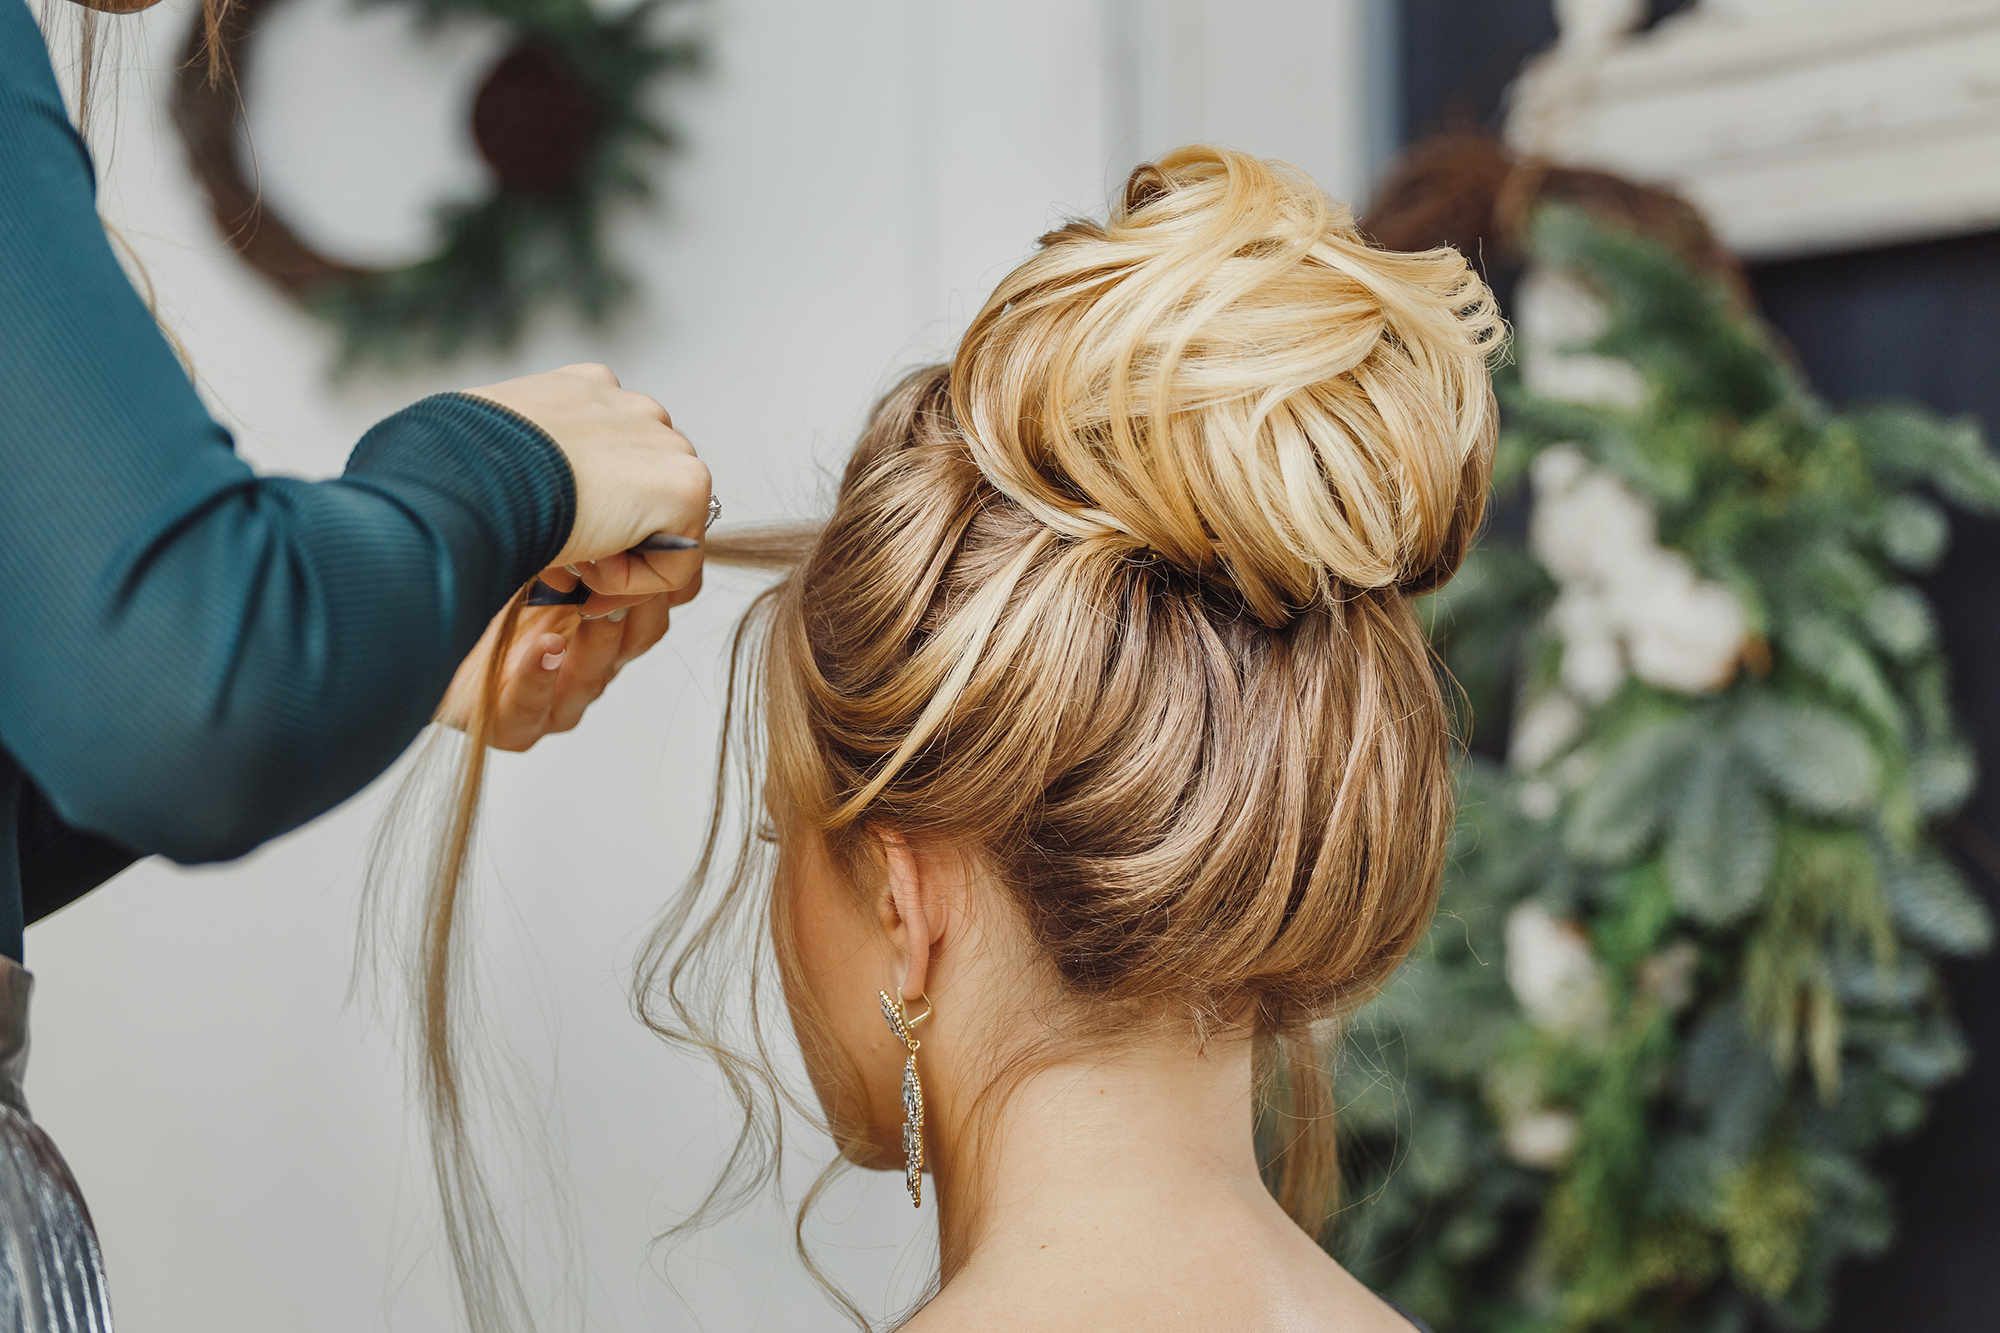 Hochzeitsfrisuren: Tipps für die perfekte Brautfrisur